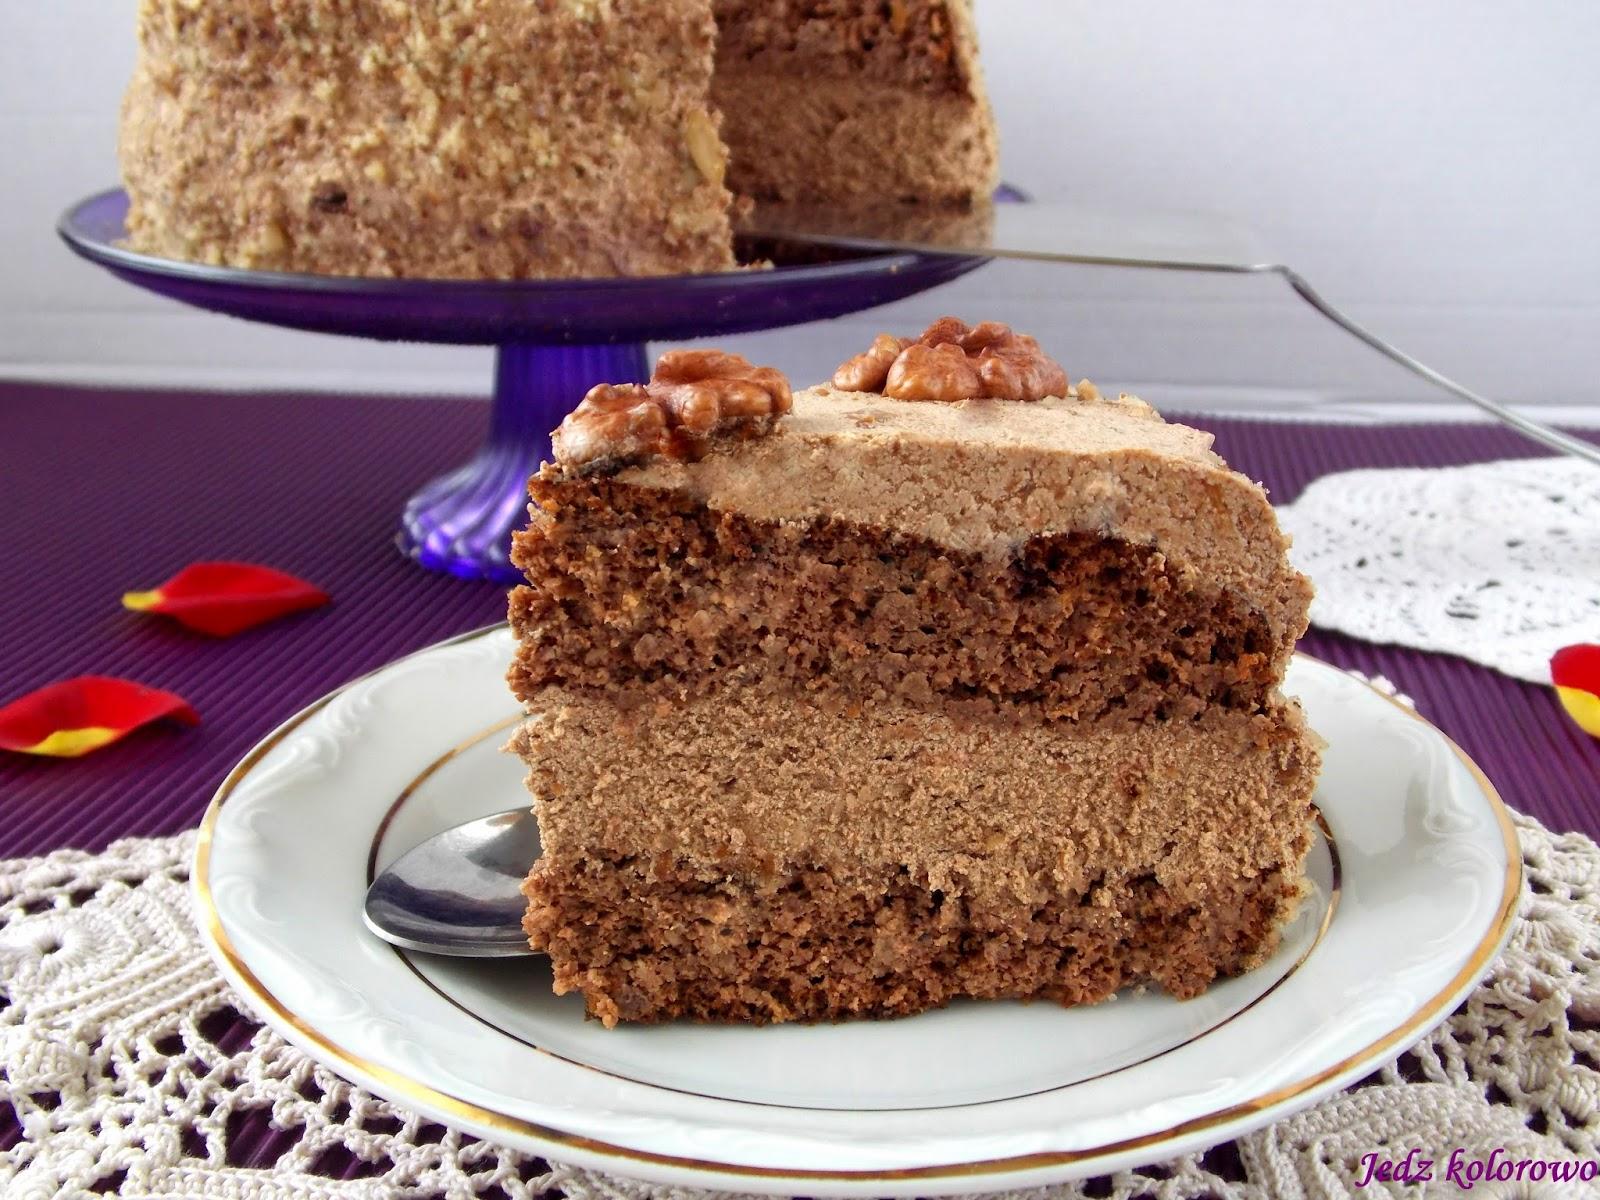 tort orzechowy bezglutenowy